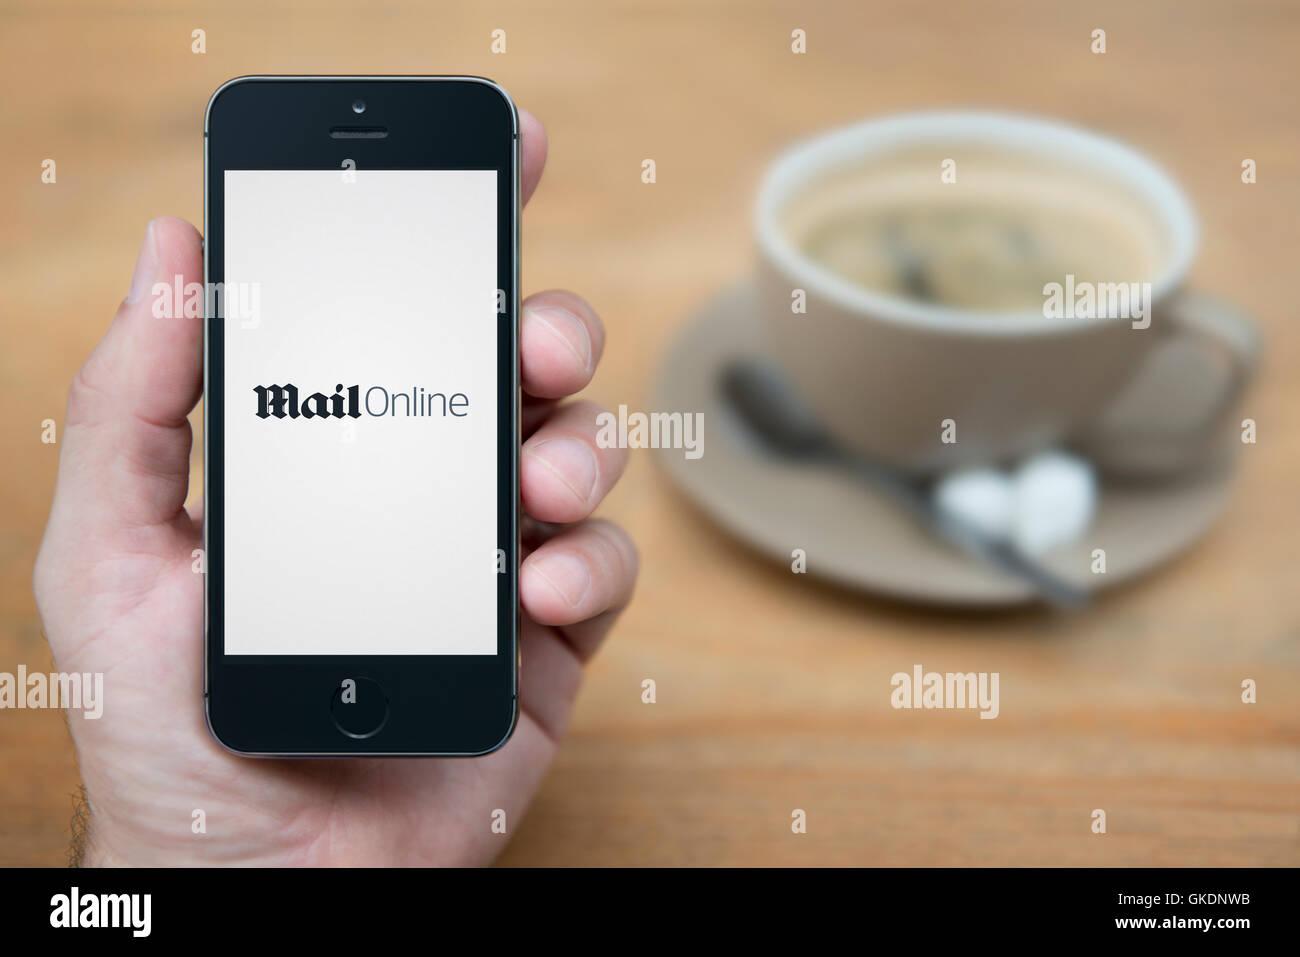 Ein Mann schaut auf seinem iPhone die Mail Online-Logo anzeigt, während bei einer Tasse Kaffee (nur zur redaktionellen Stockbild